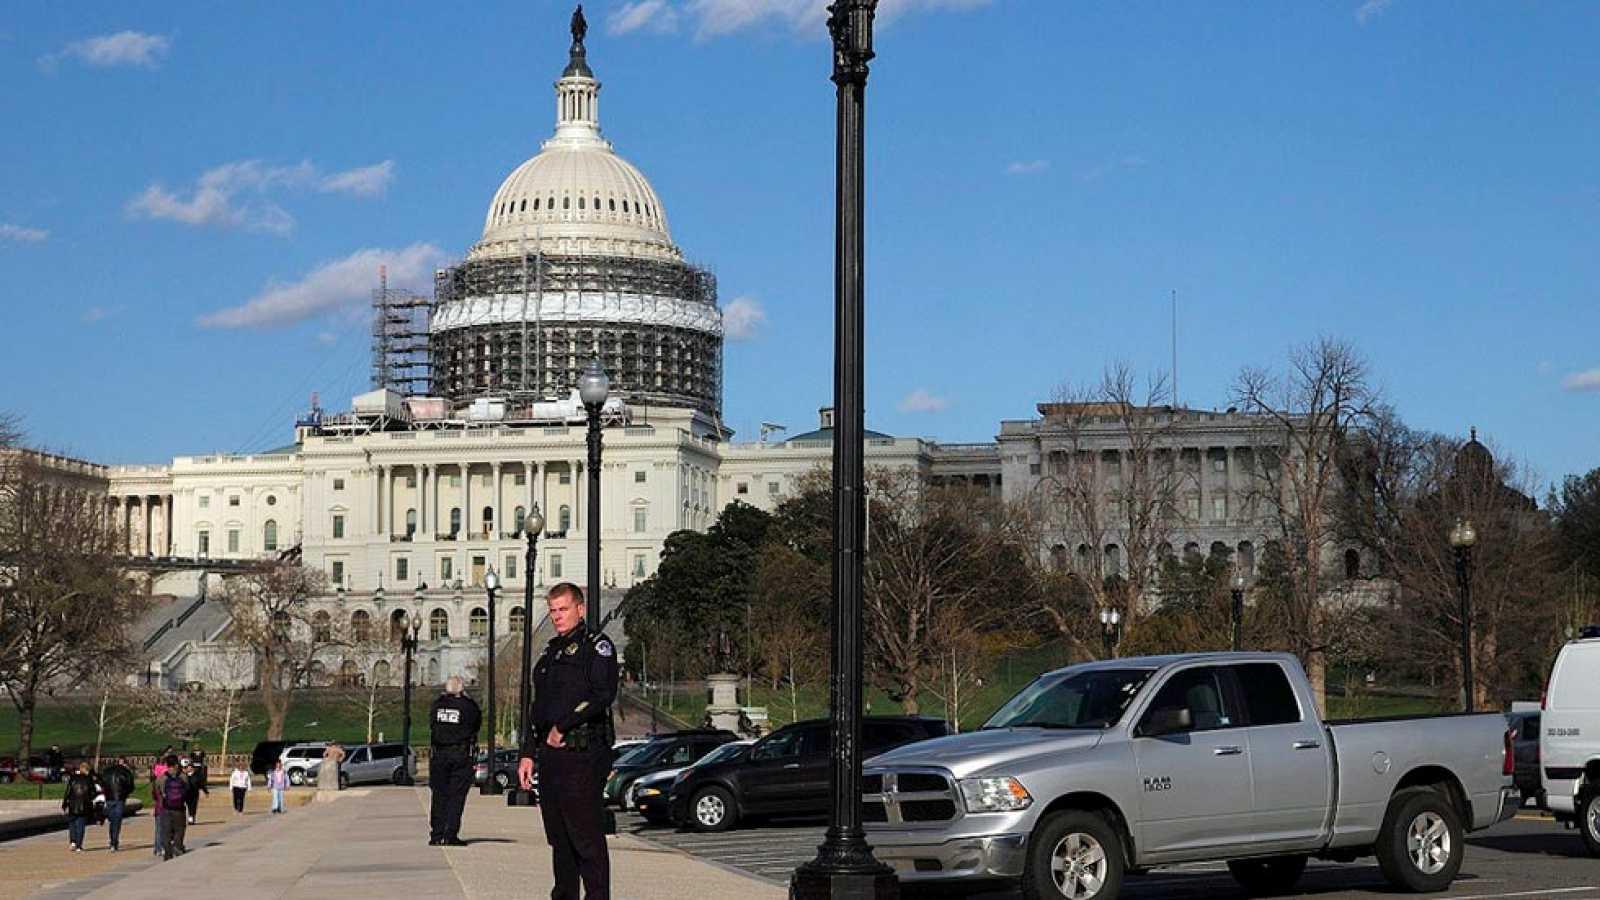 Un detenido y una mujer herida en un tiroteo que obliga a cerrar el Capitolio y la Casa Blanca